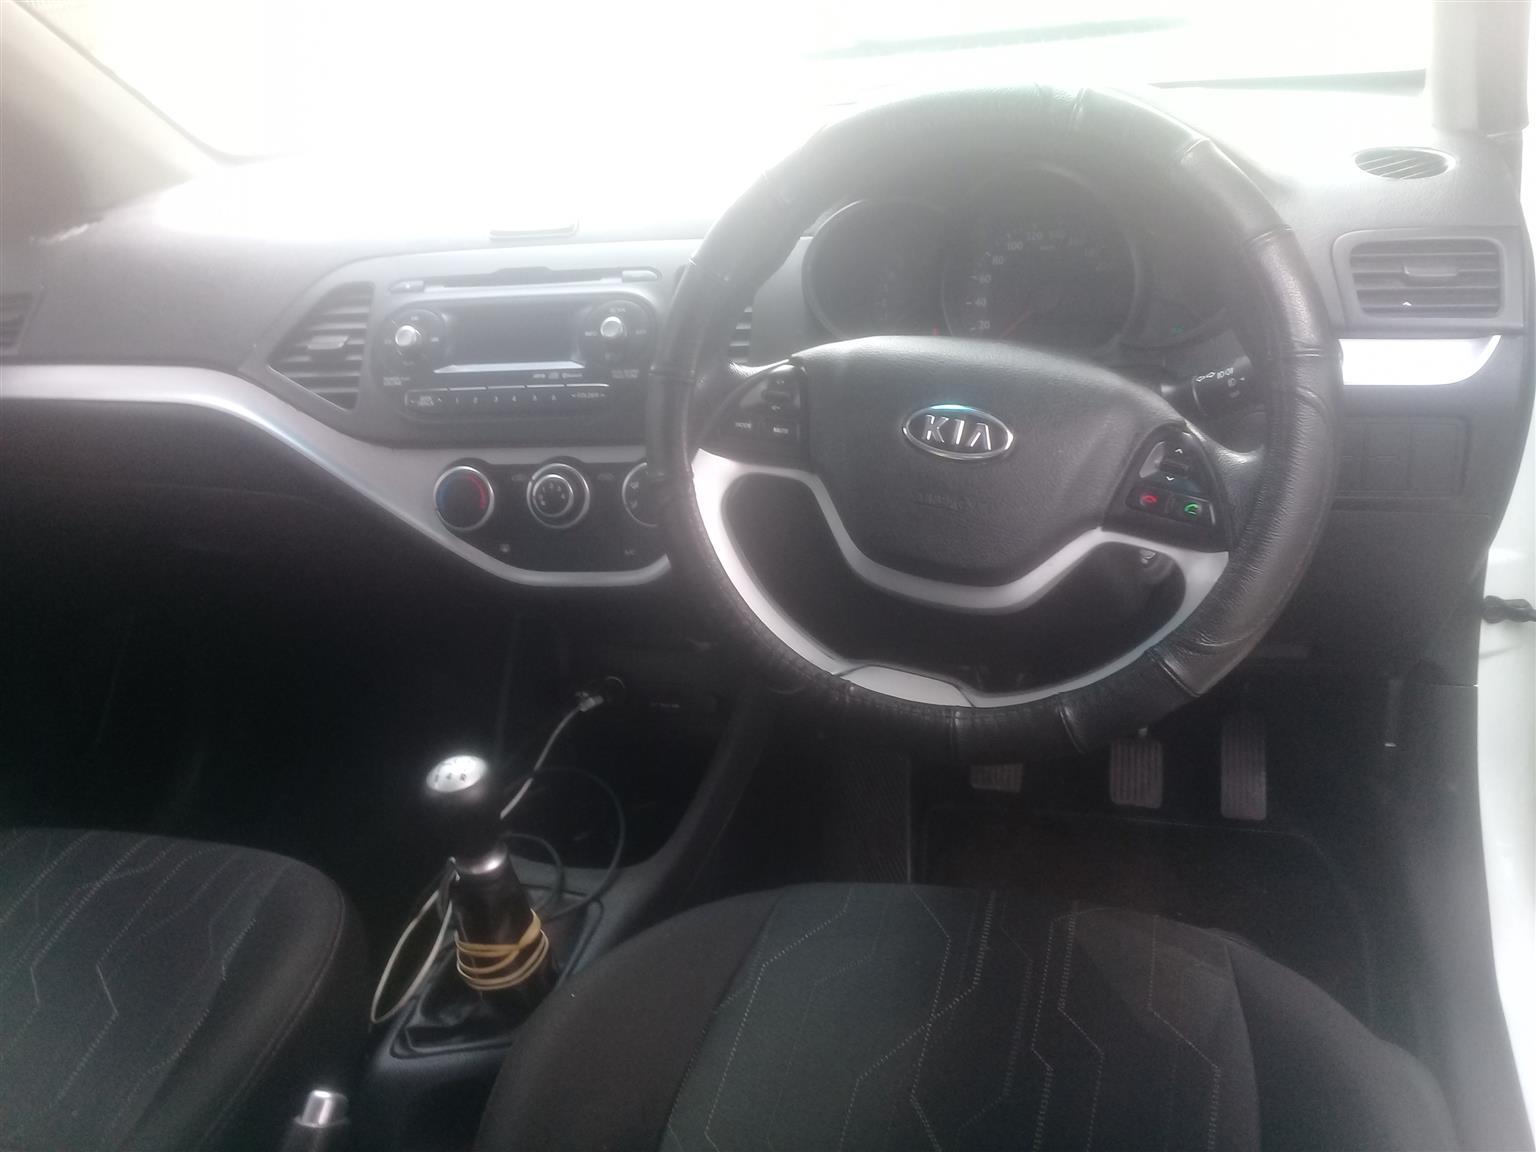 2012 Kia Picanto 1.2 LS